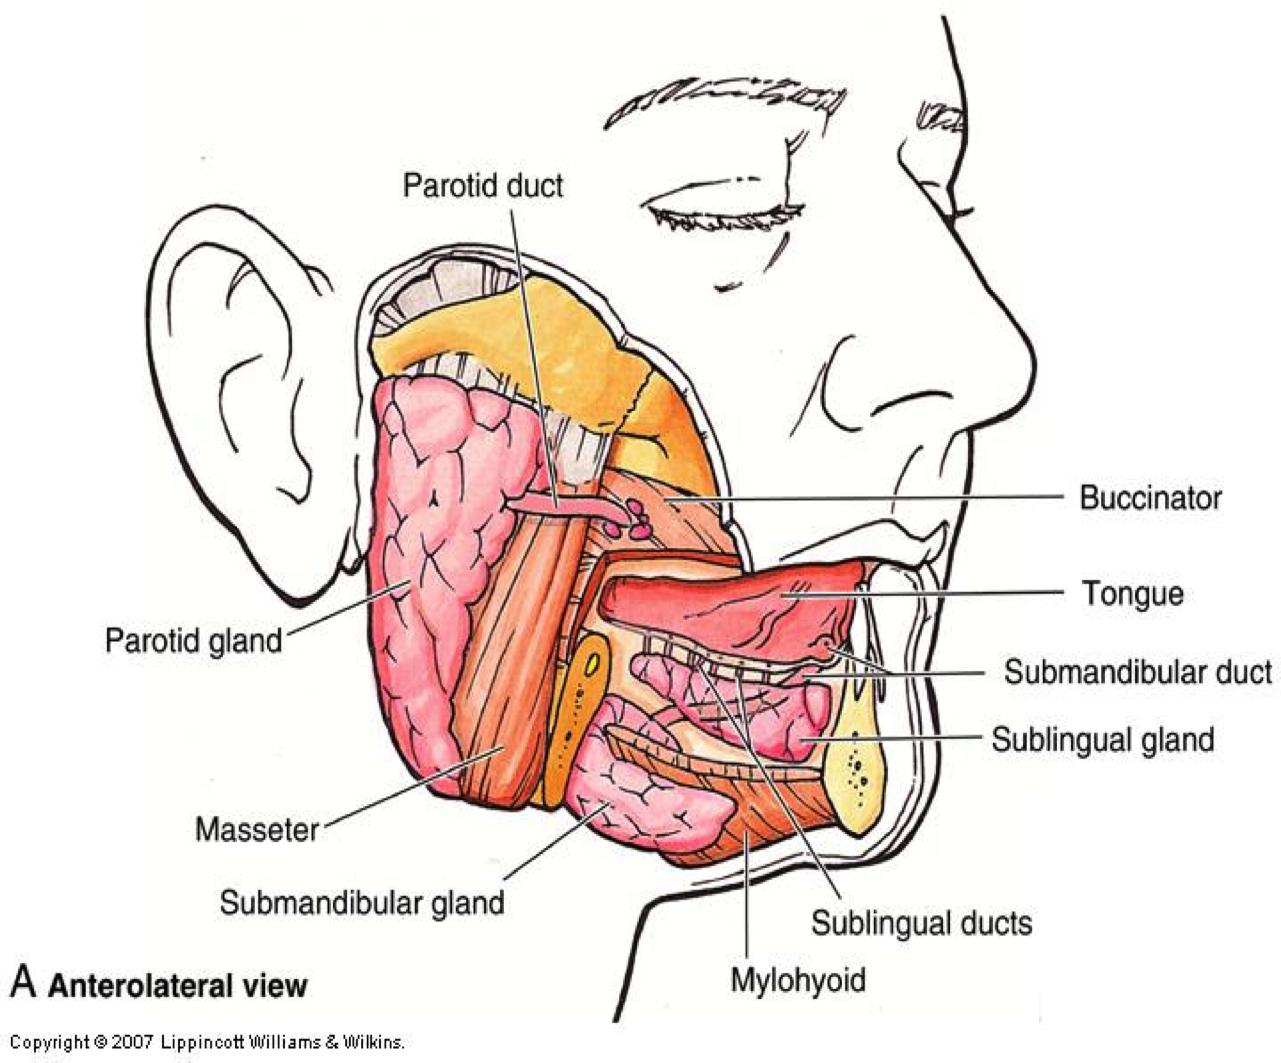 Pin by Stelios Daskalogiannis on parotid - submandibular salivary ...